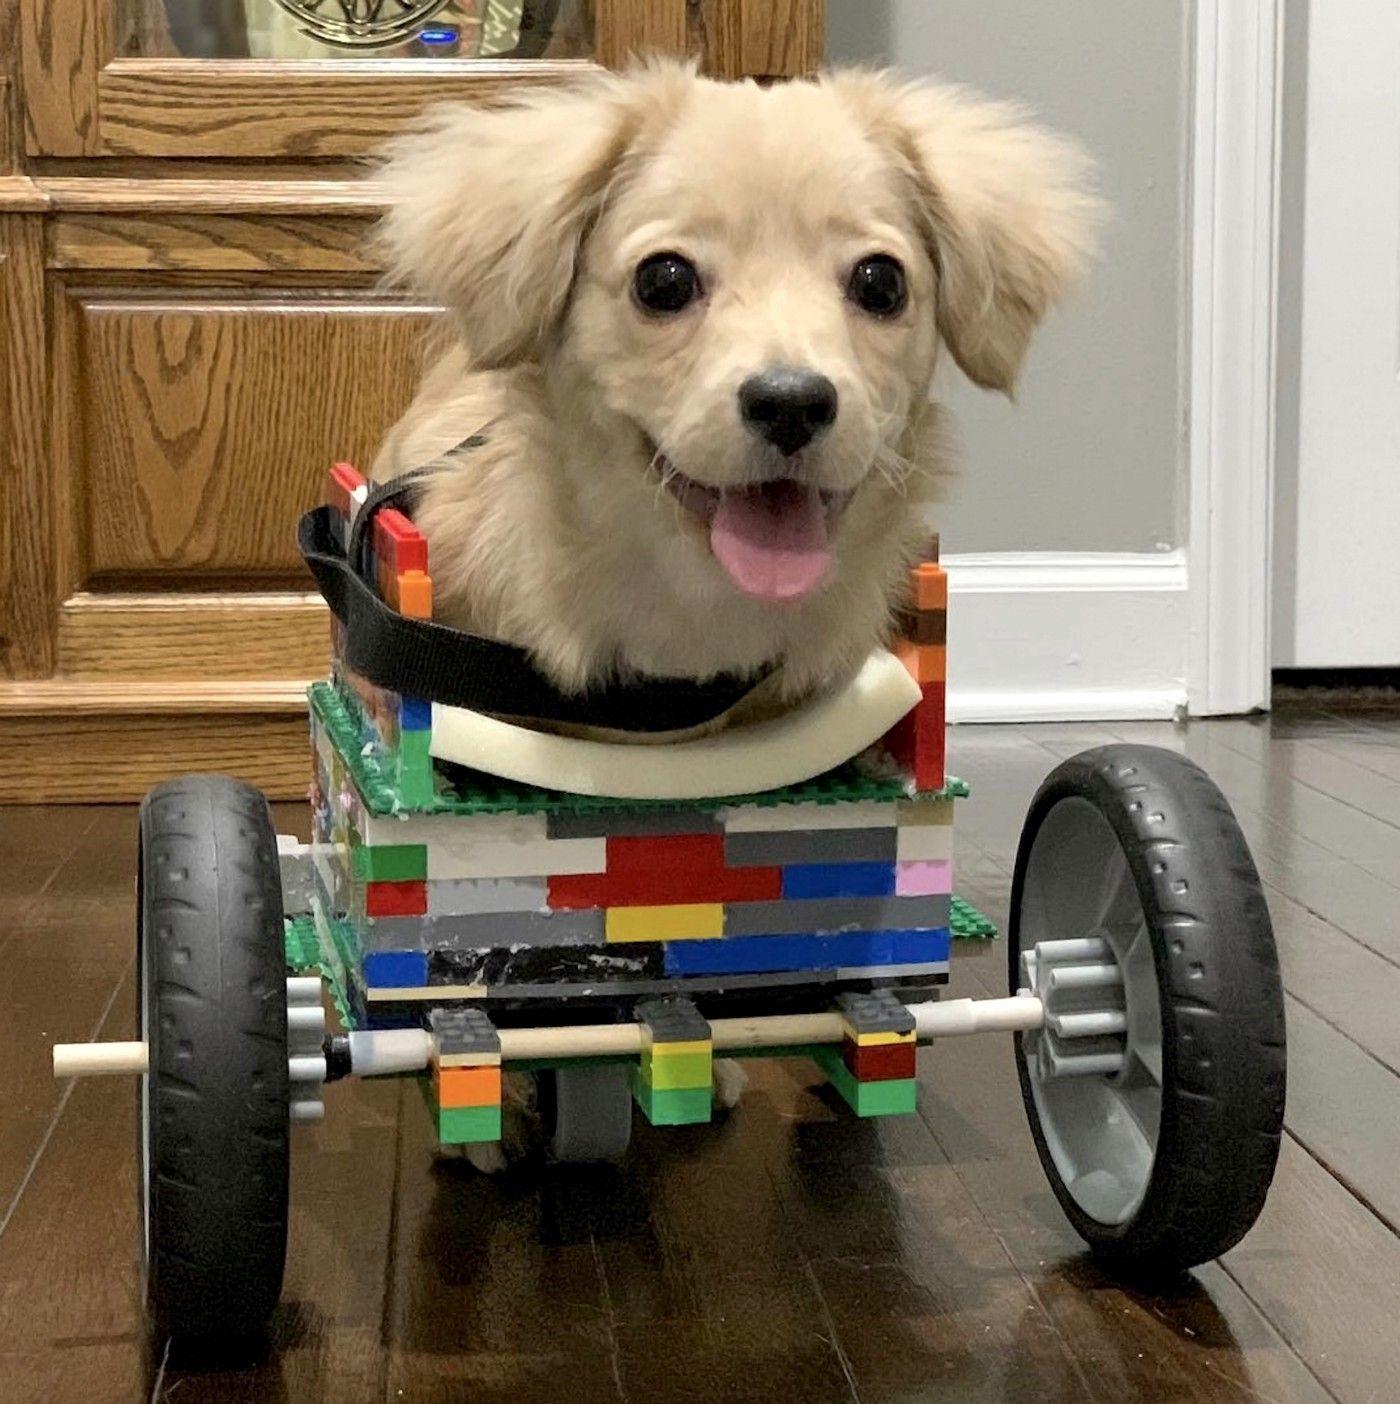 Perrita con la silla de ruedas de lego